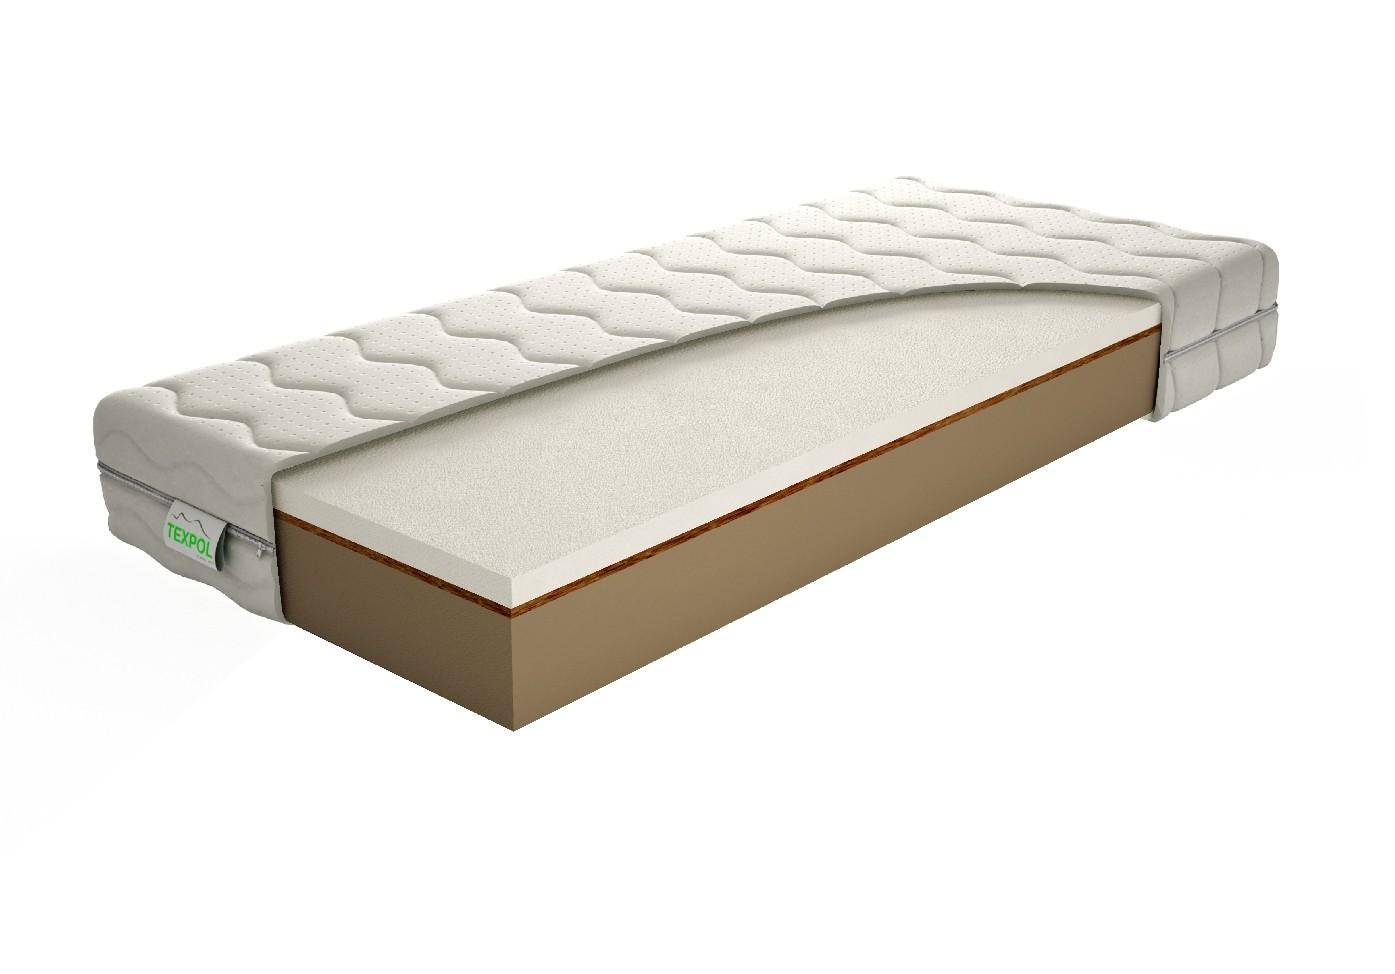 Texpol PEGAS PLUS - pamäťový matrac s konským vlásiom 180 x 200 cm, snímateľný poťah